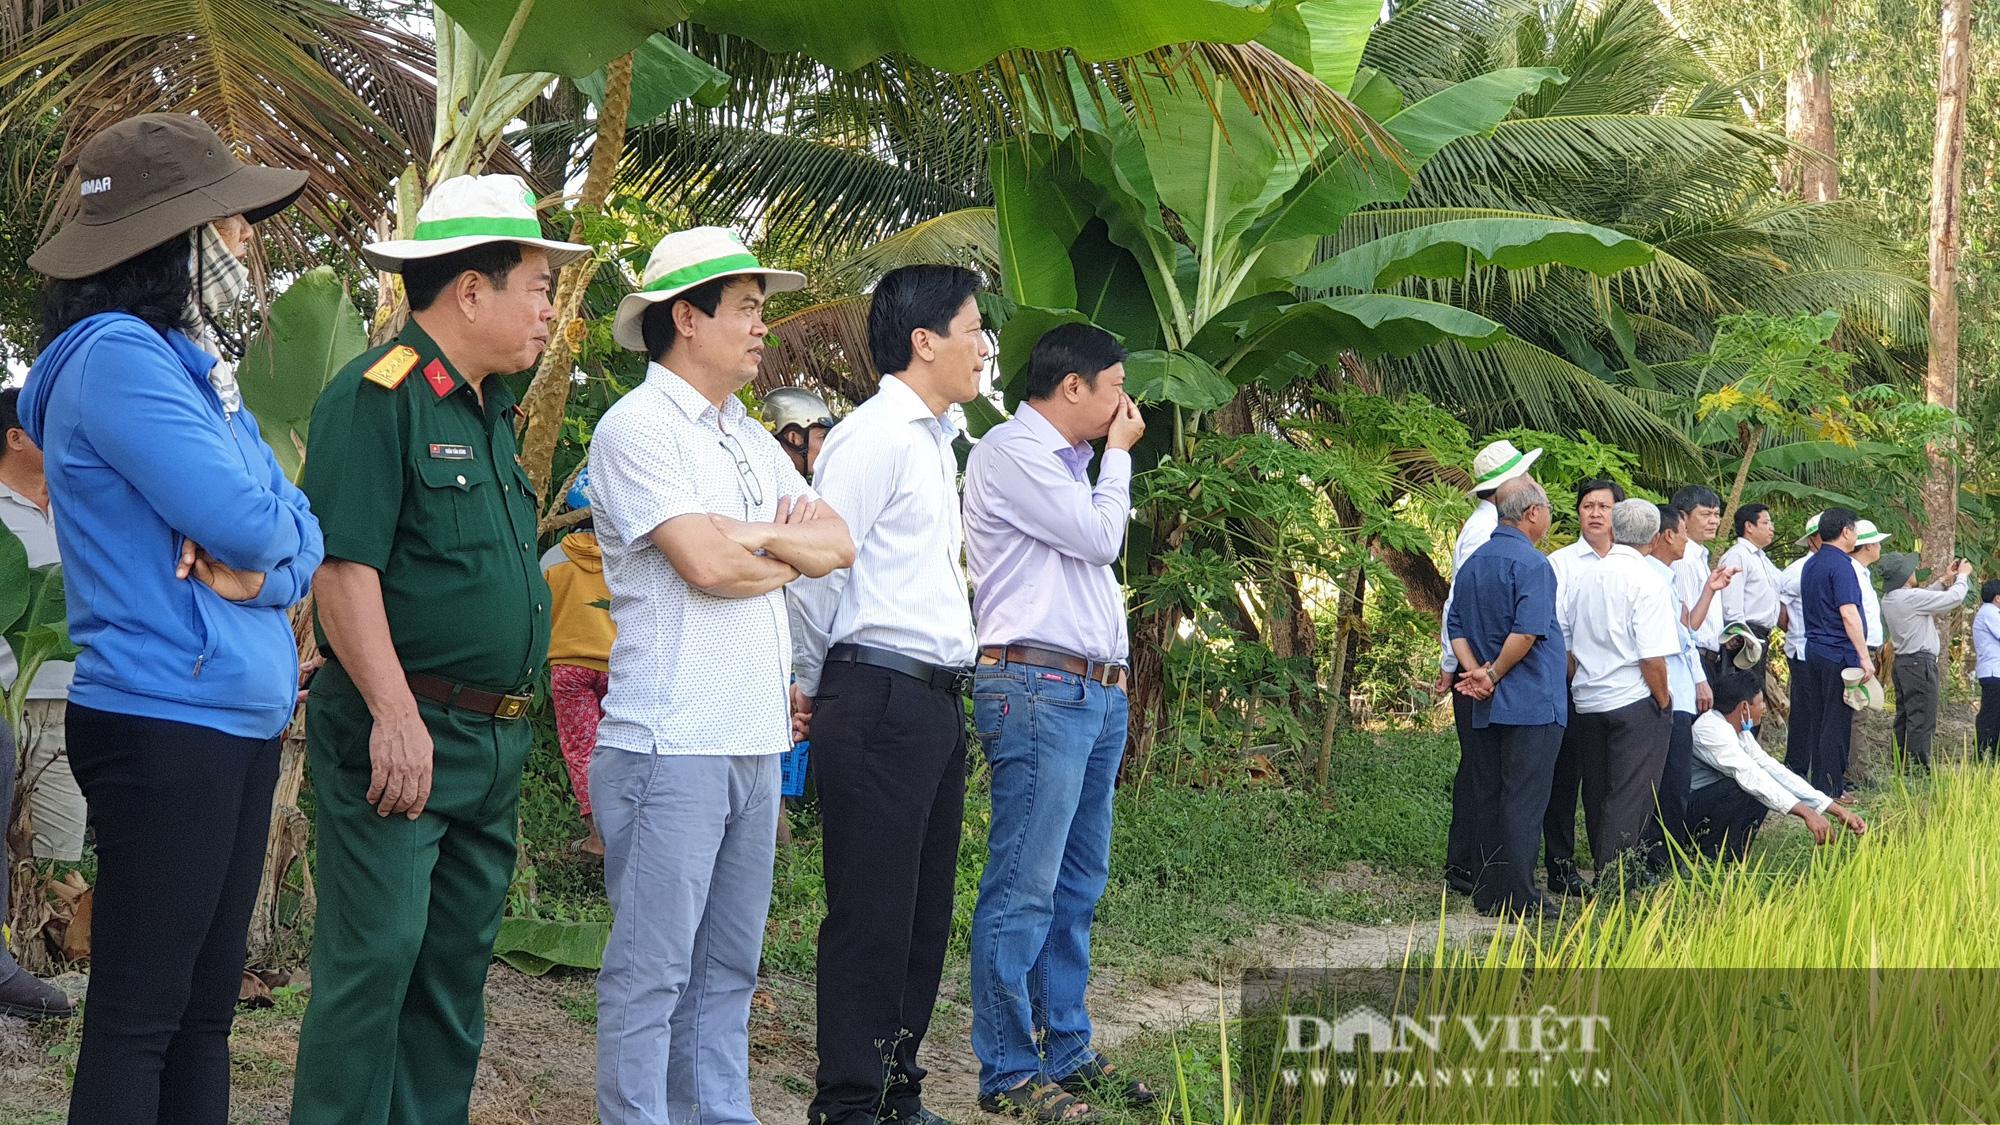 Hậu Giang: Trình diễn sử dụng máy bay không người lái HLD-18 phun thuốc bảo vệ thực vật trên lúa - Ảnh 5.